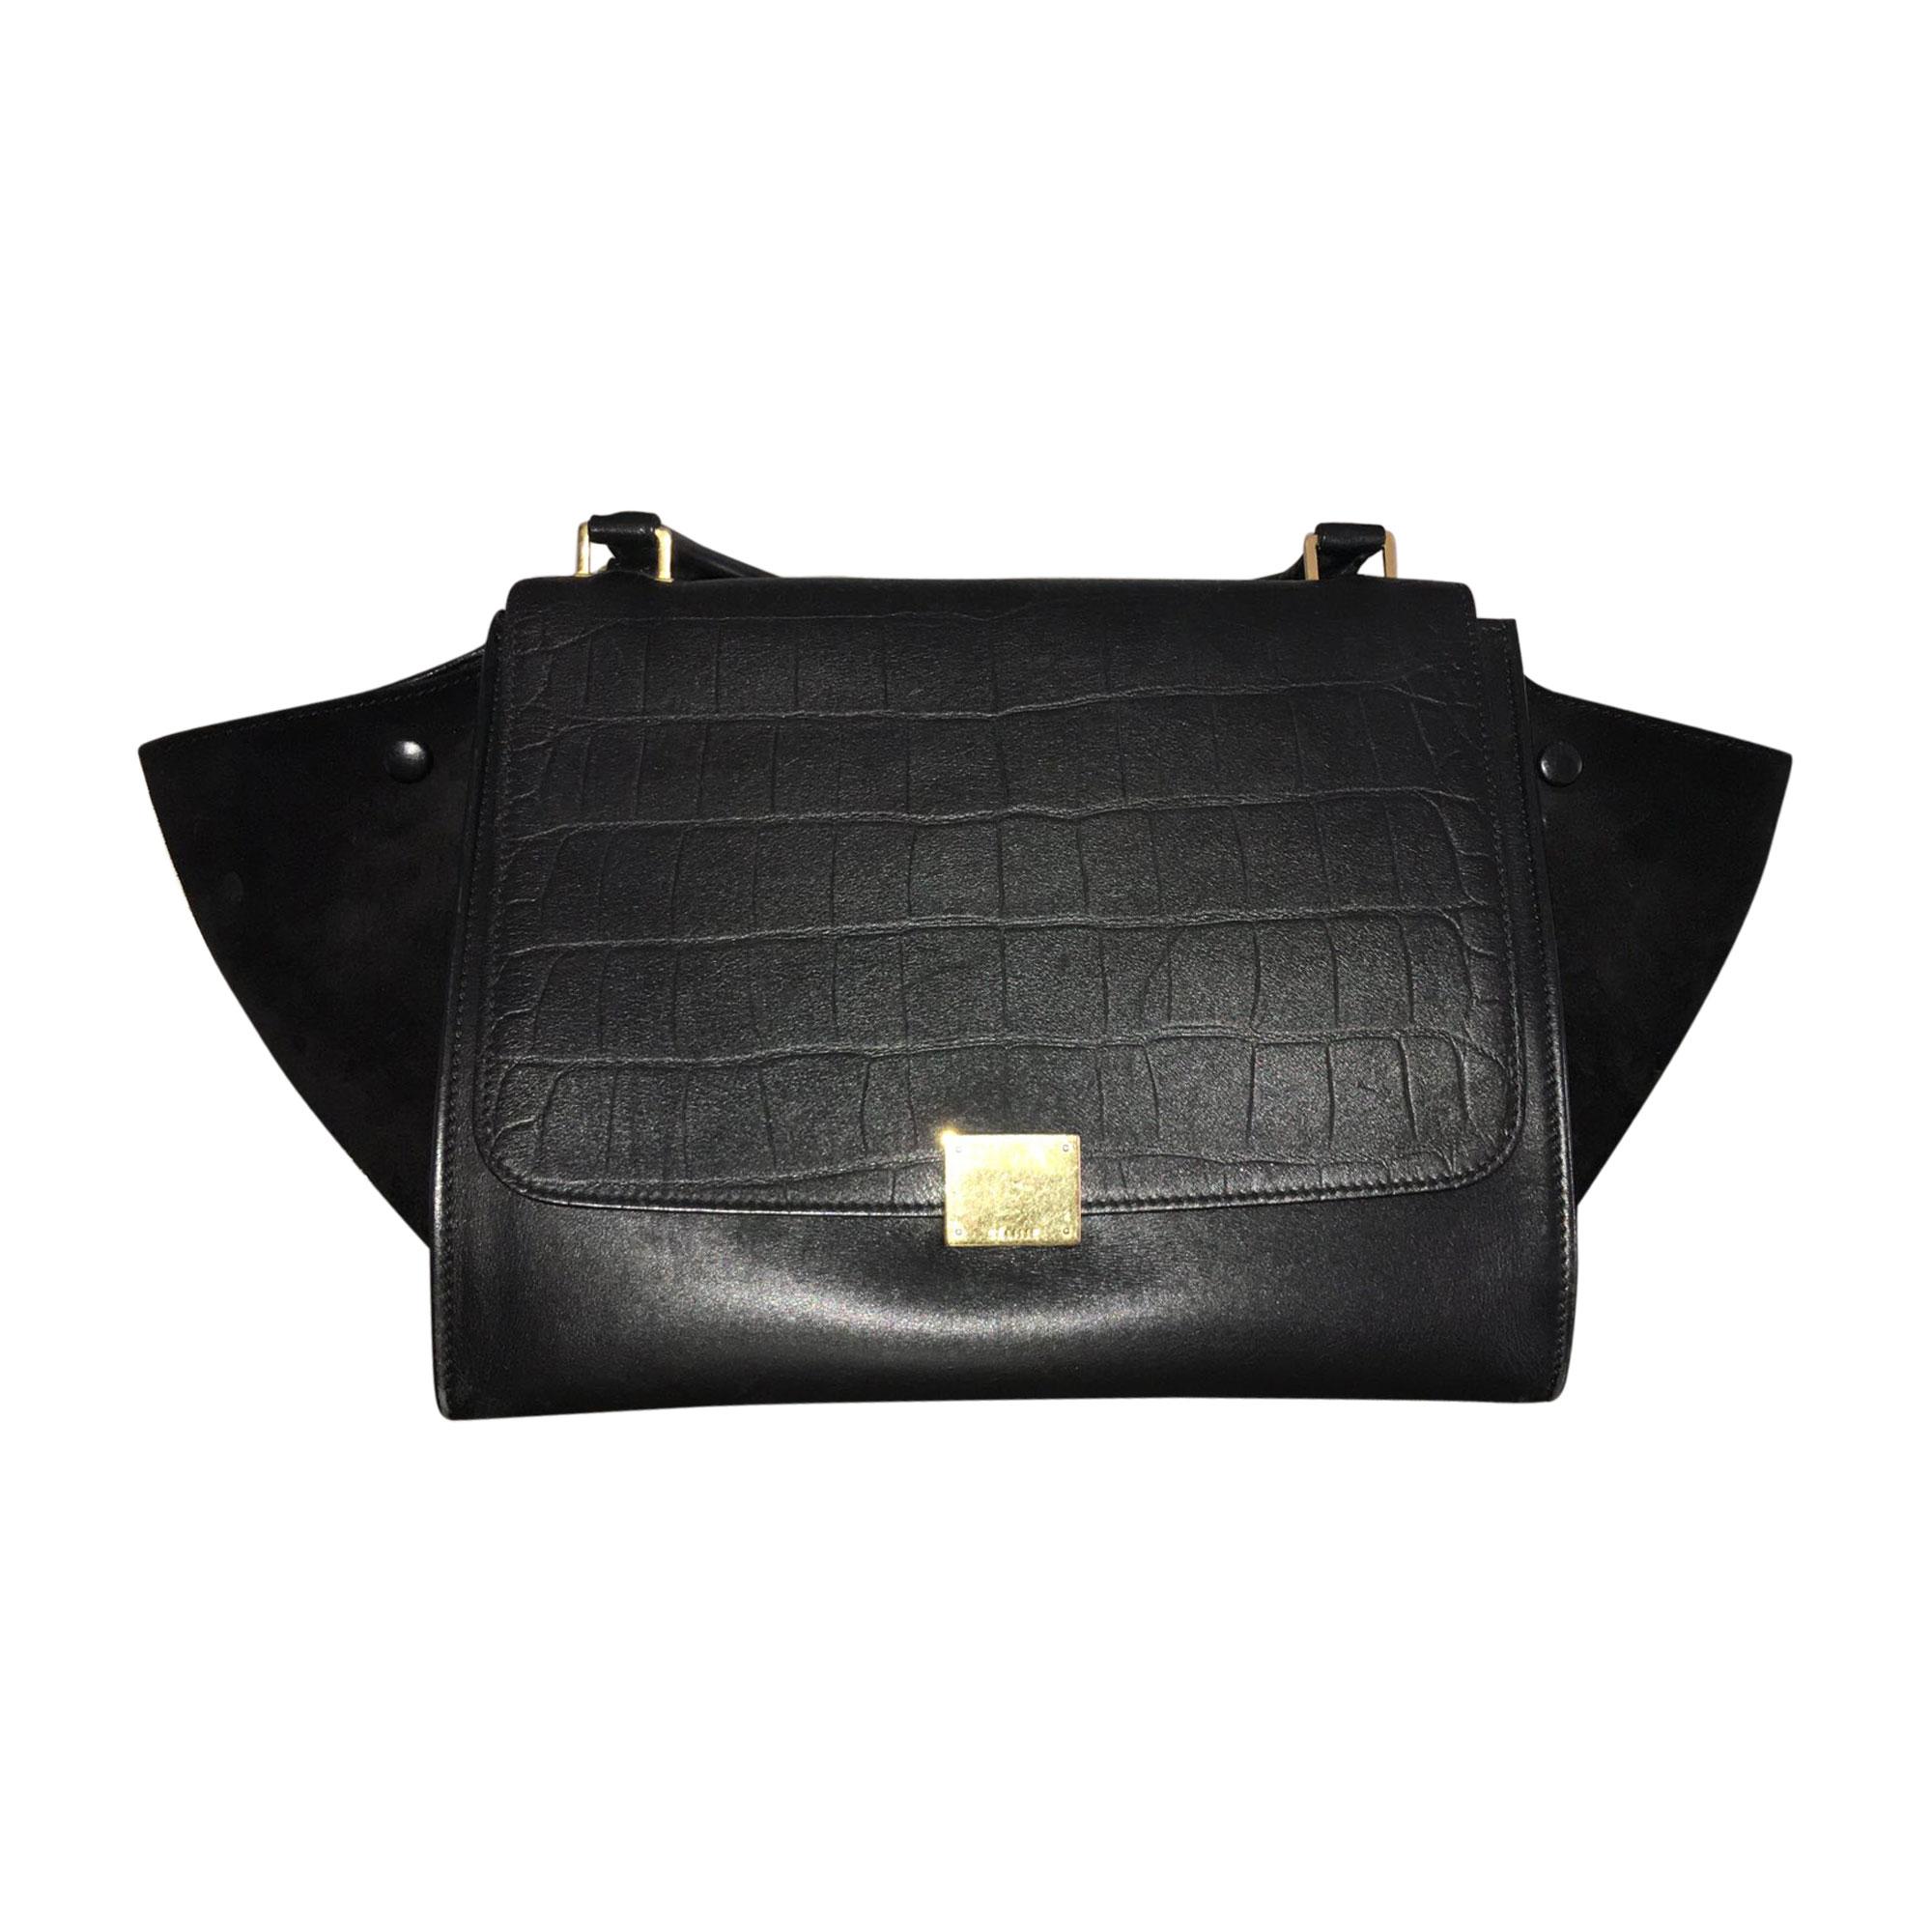 da62d7263c Sac à main en cuir CÉLINE trapze noir vendu par Chemcha156825 ...